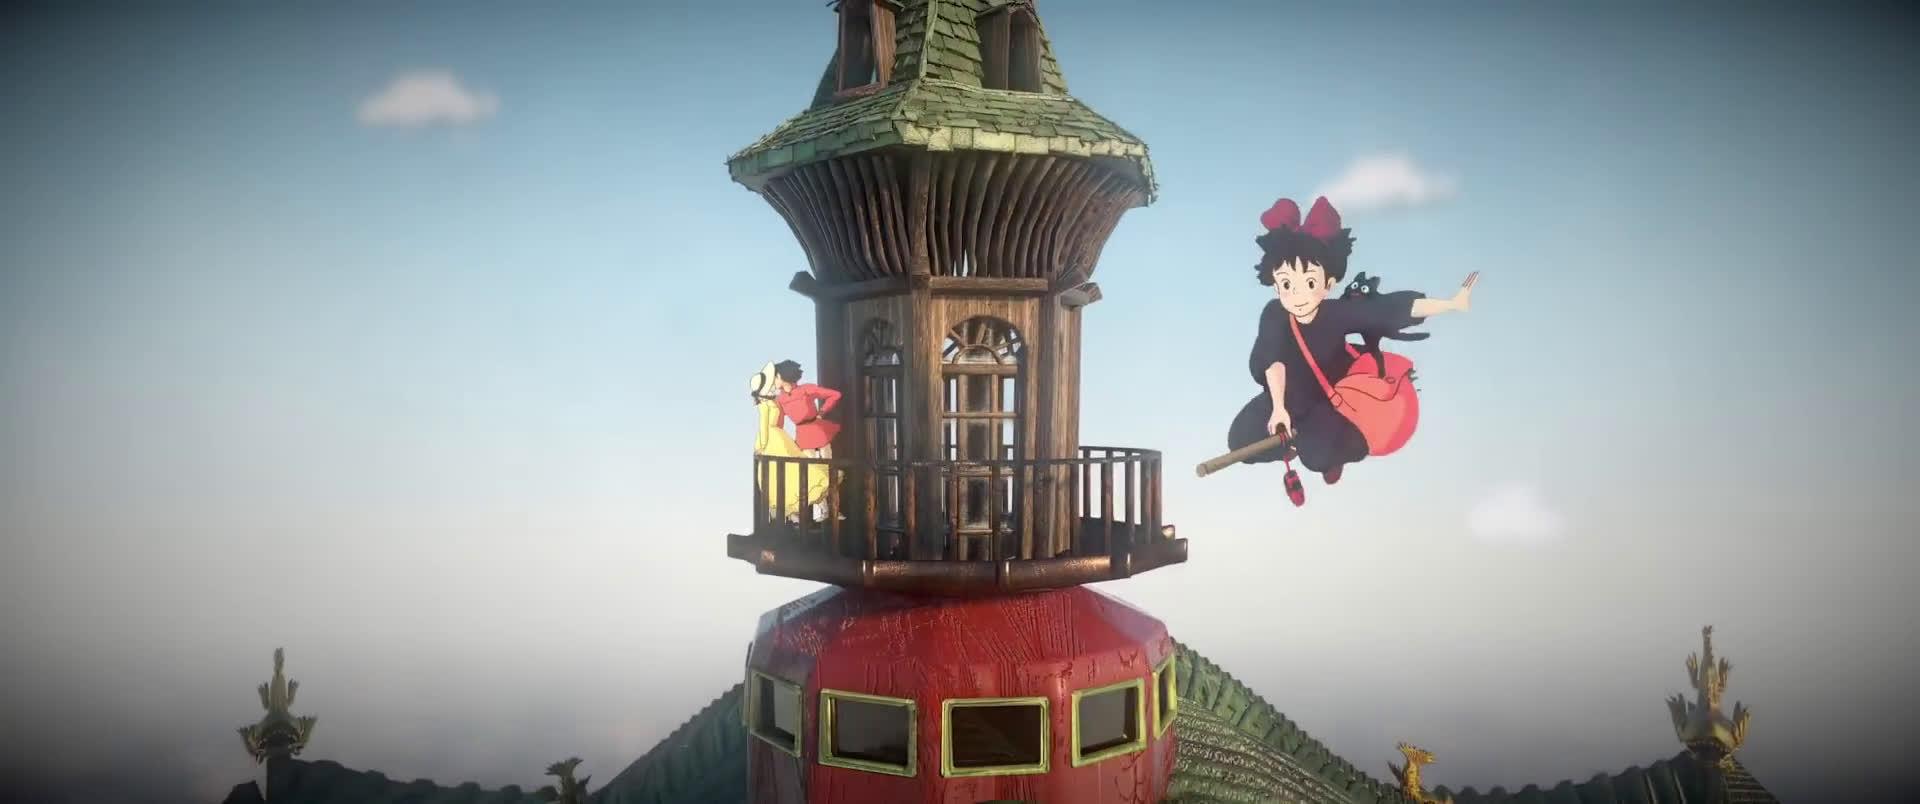 3D技术重现宫崎骏动画电影,如梦般的场景,太治愈了吧